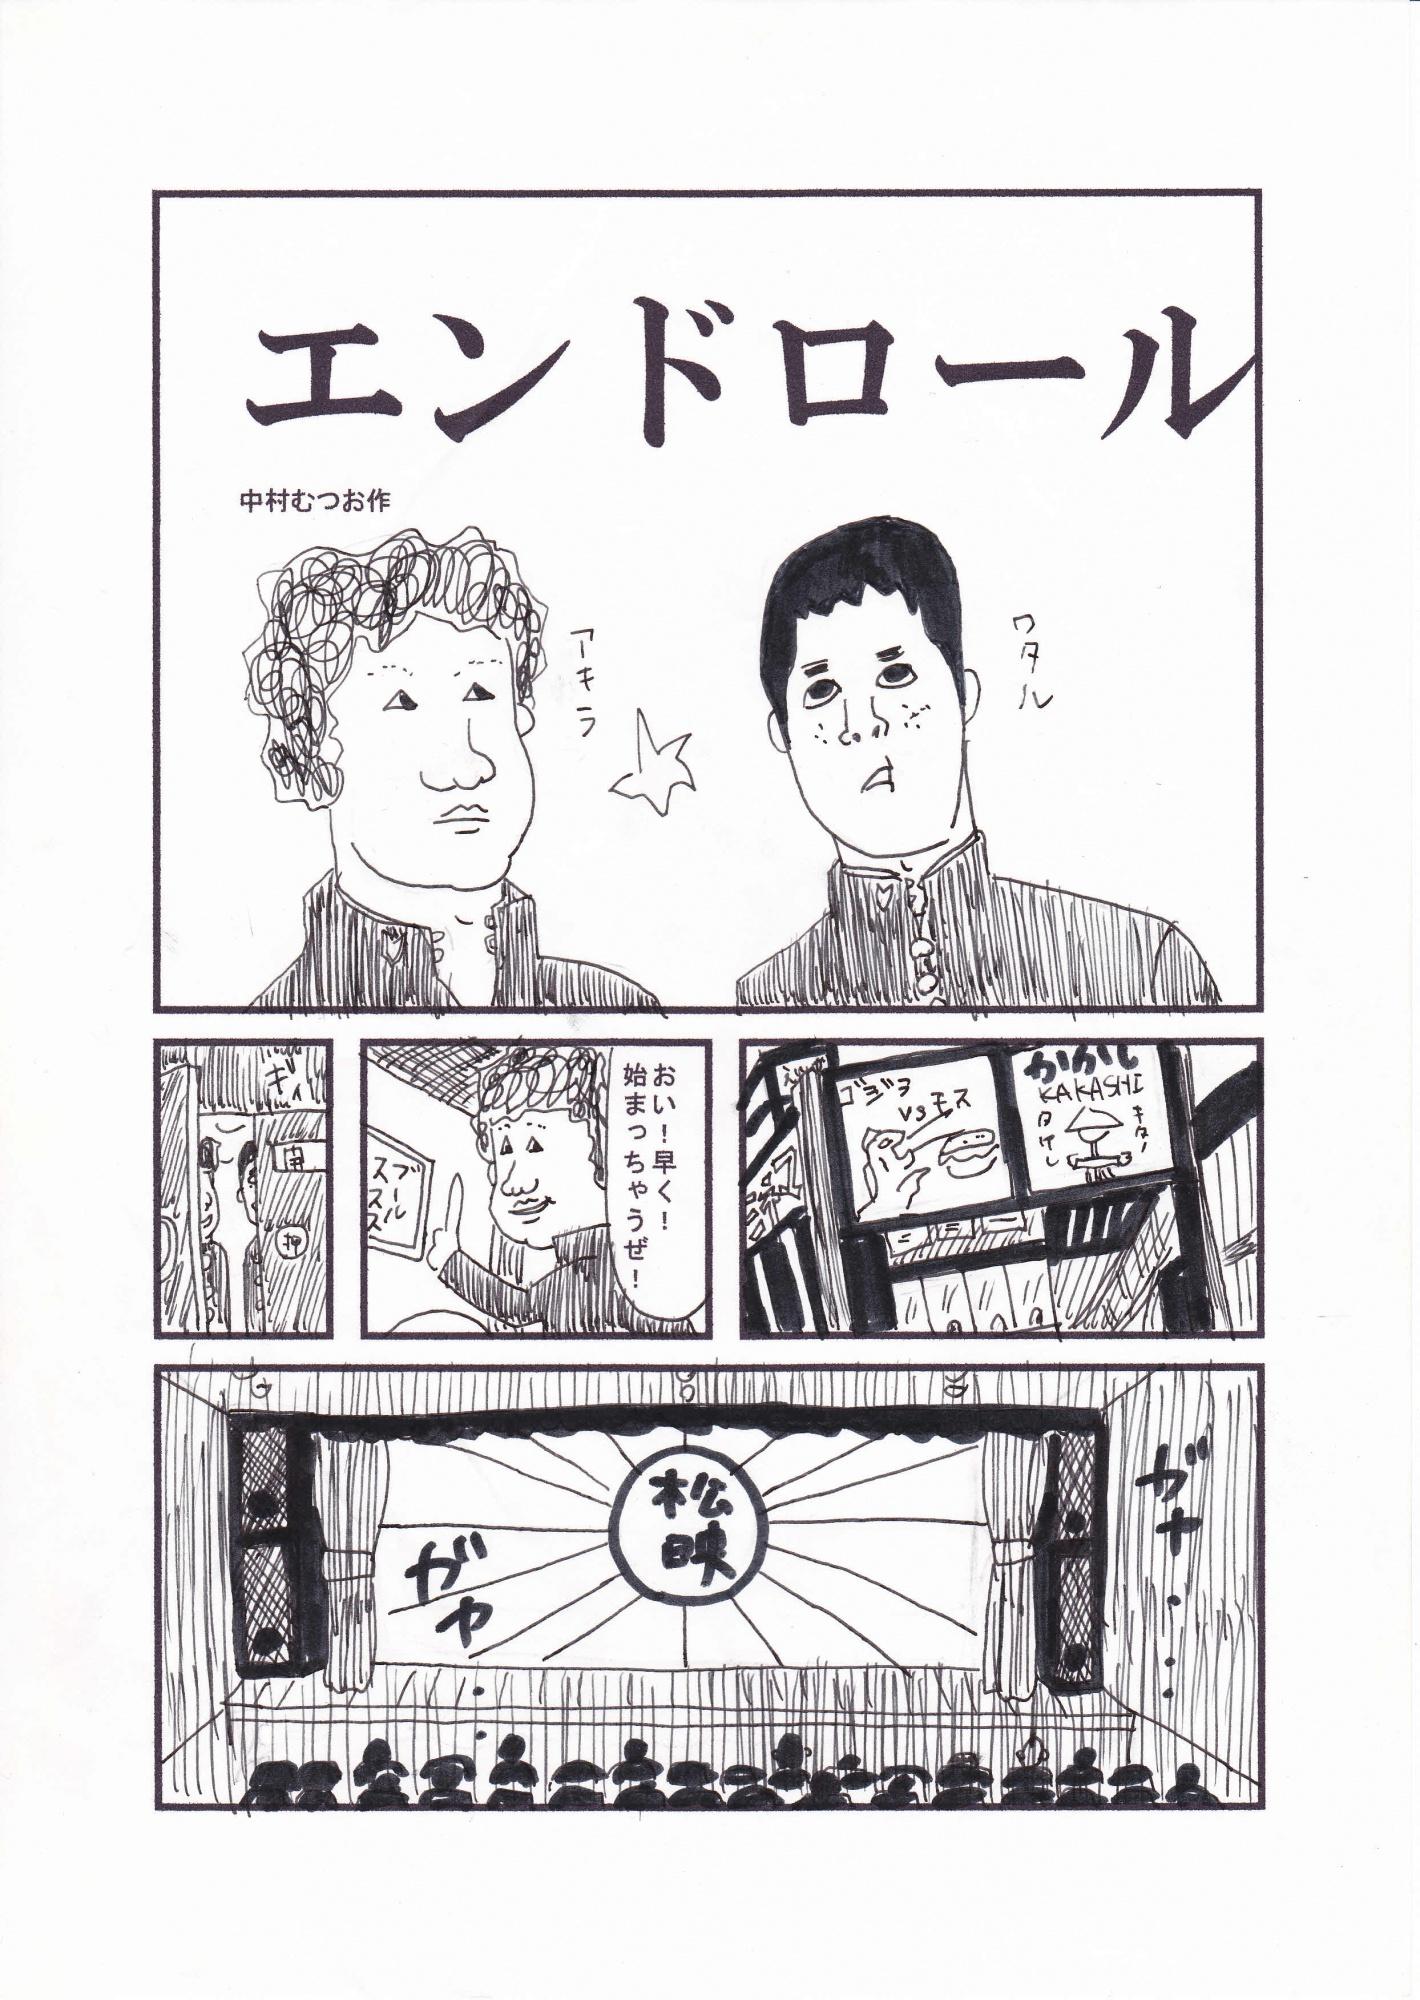 中村むつおのWEB漫画最終回「エンドロール」「あいつはアライグマ」